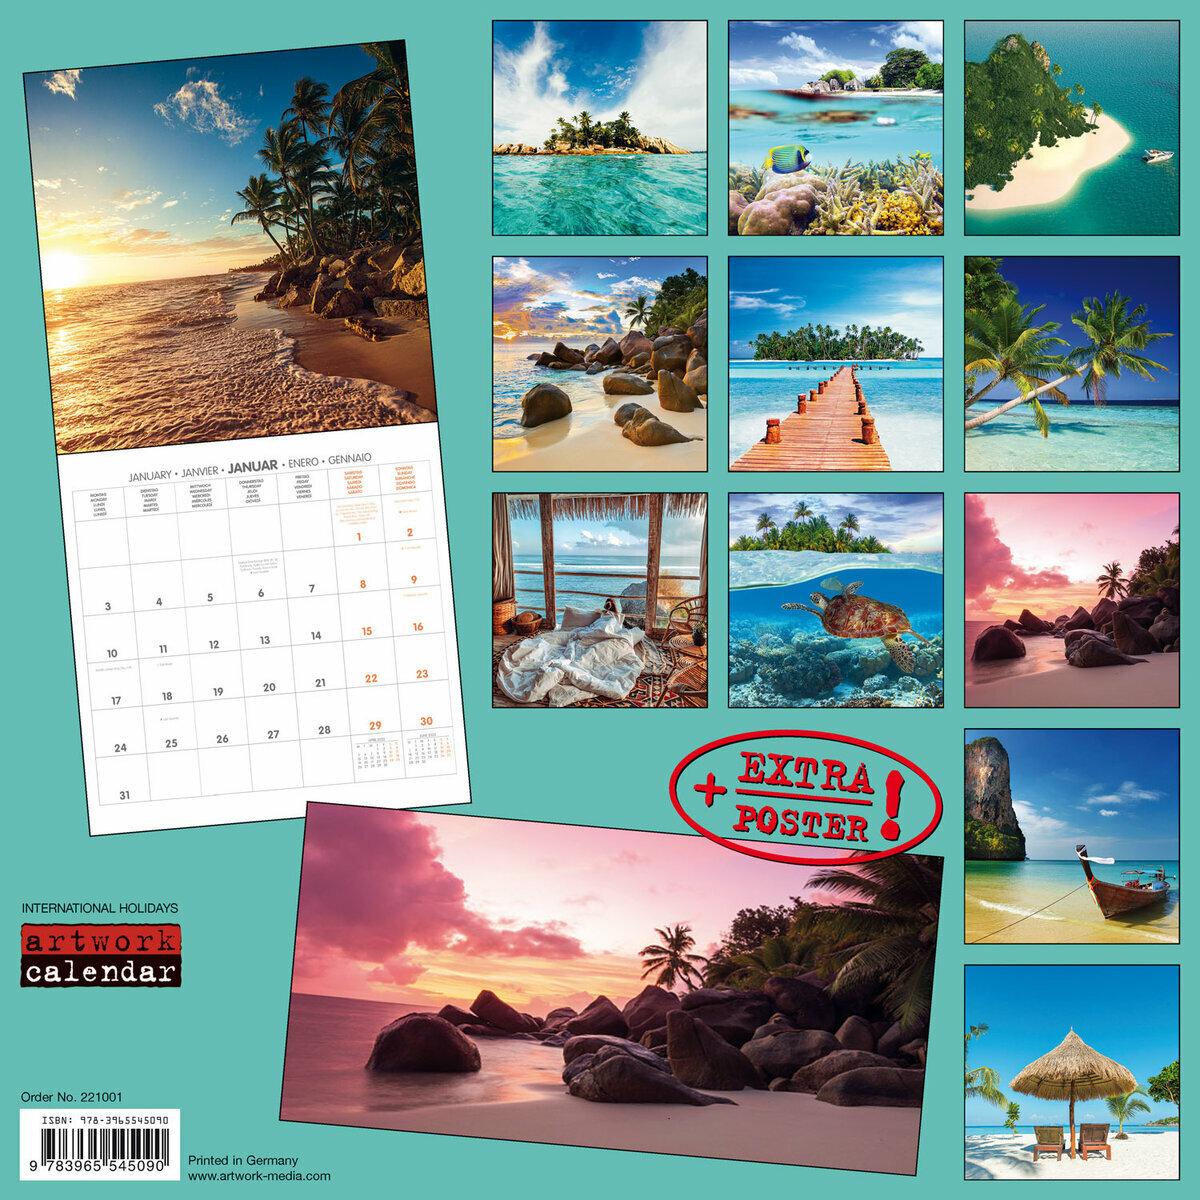 Calendrier La Poste 2022 Calendrier 2022 Iles de rêve avec poster offert